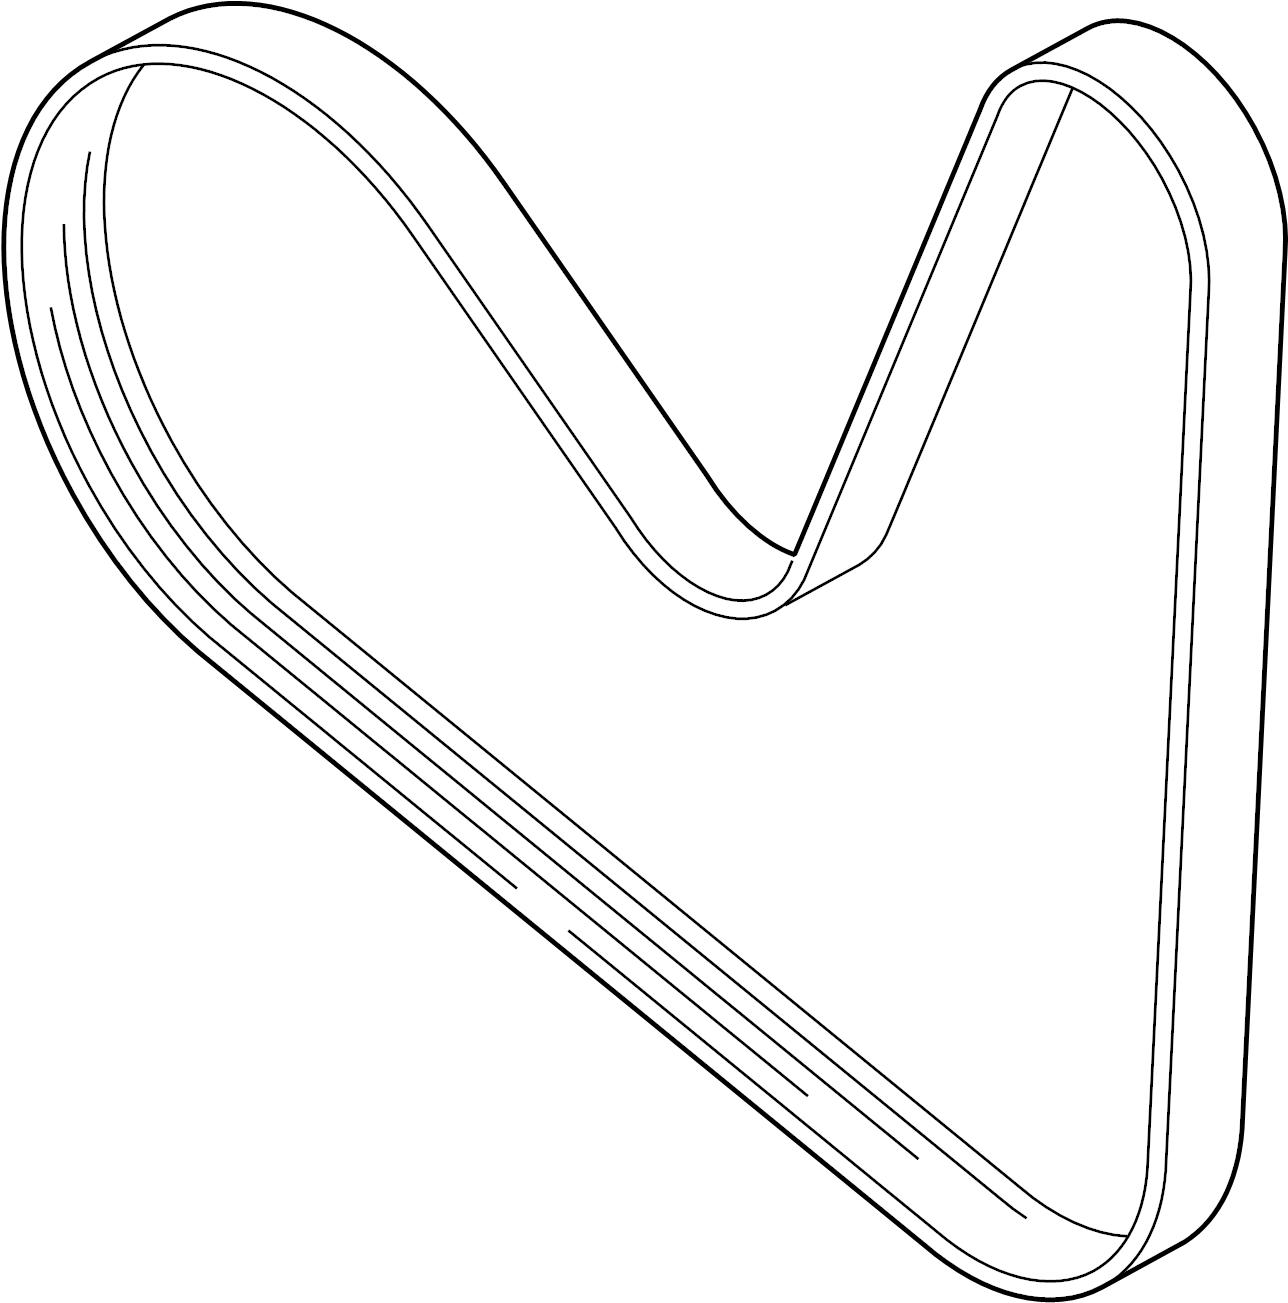 Audi A4 Ribbedbelt. Serpentine belt. Liter, pulleys, belts